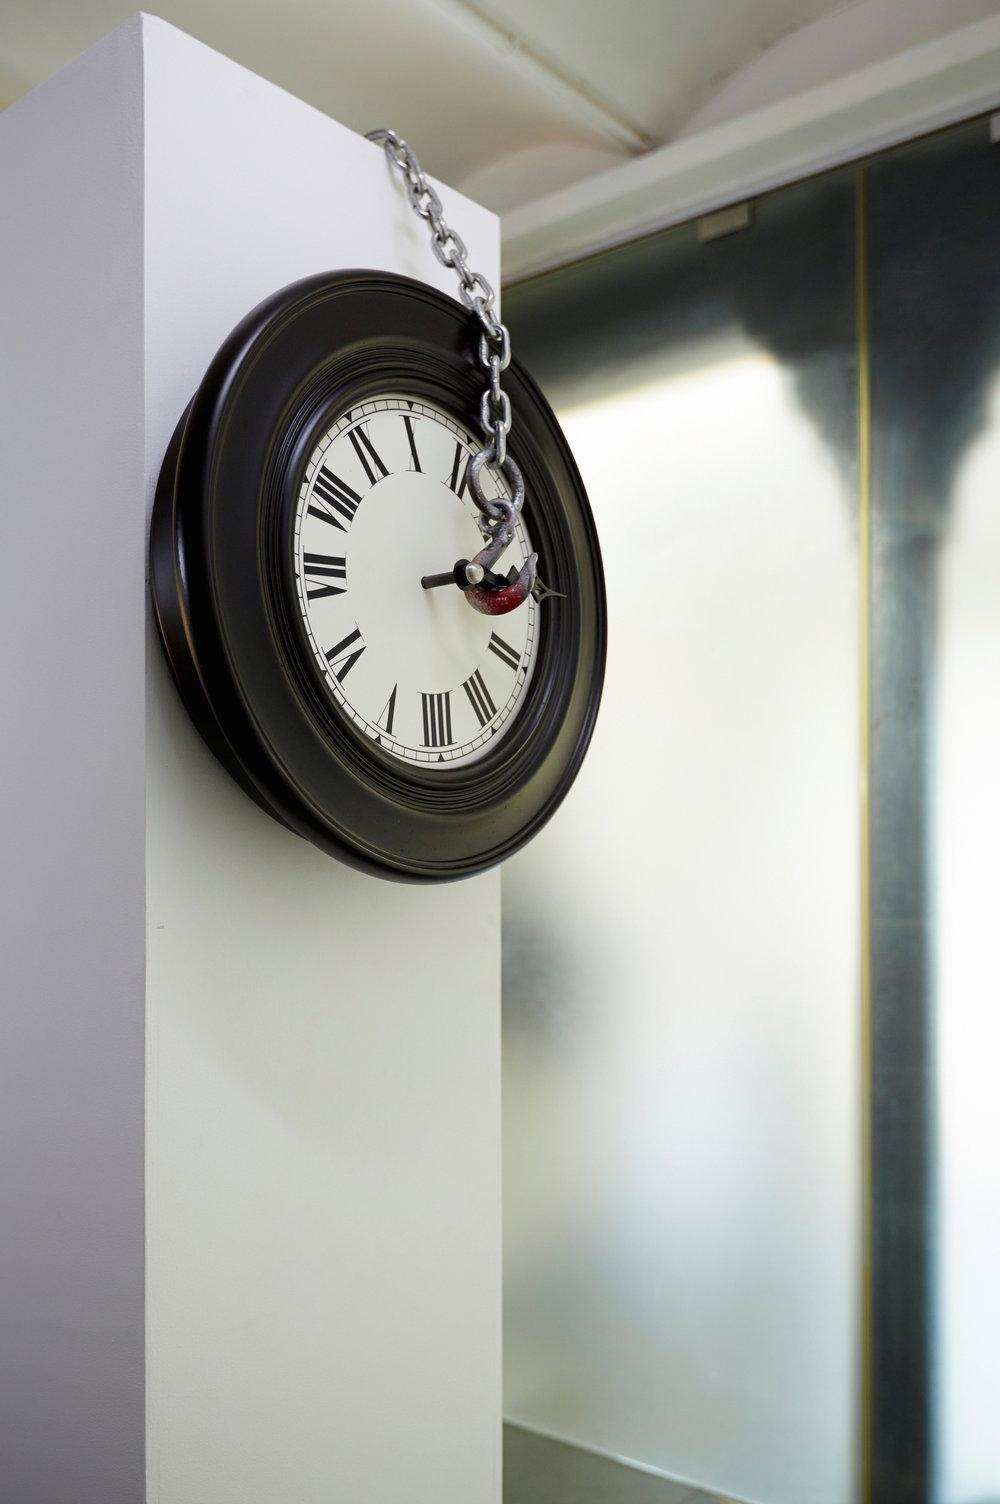 id-od-5-(clock)2.jpg